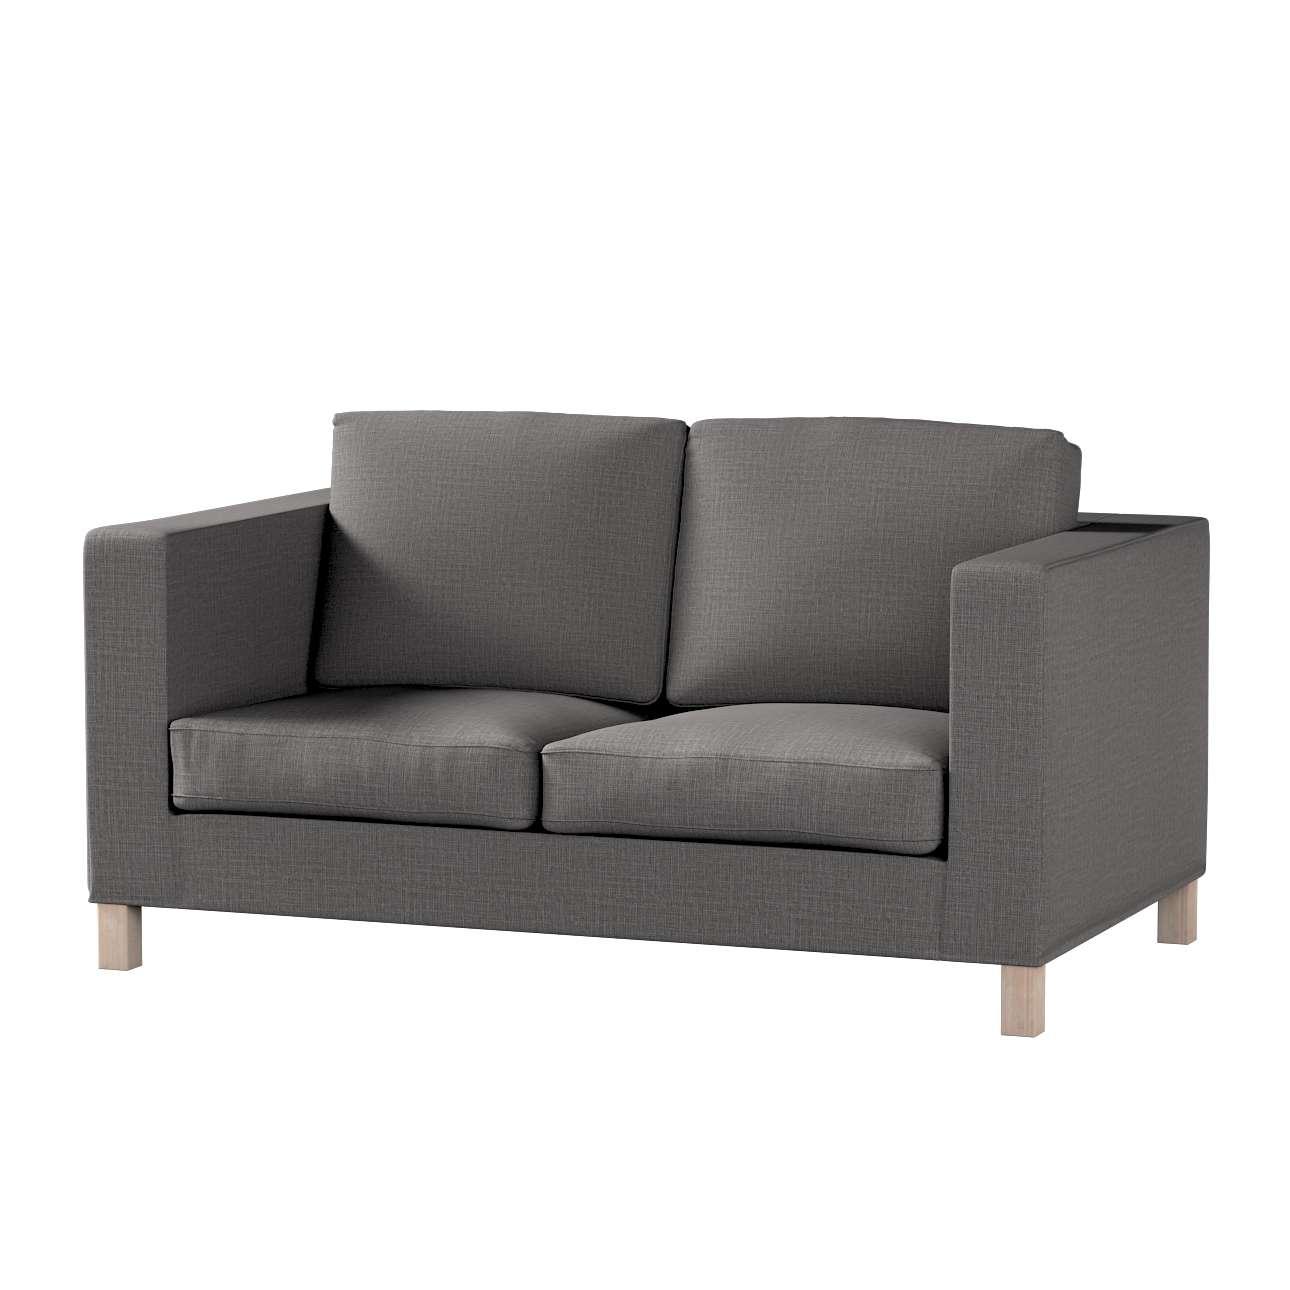 Karlanda klädsel<br>2-sits soffa - kort klädsel i kollektionen Living 2, Tyg: 161-16